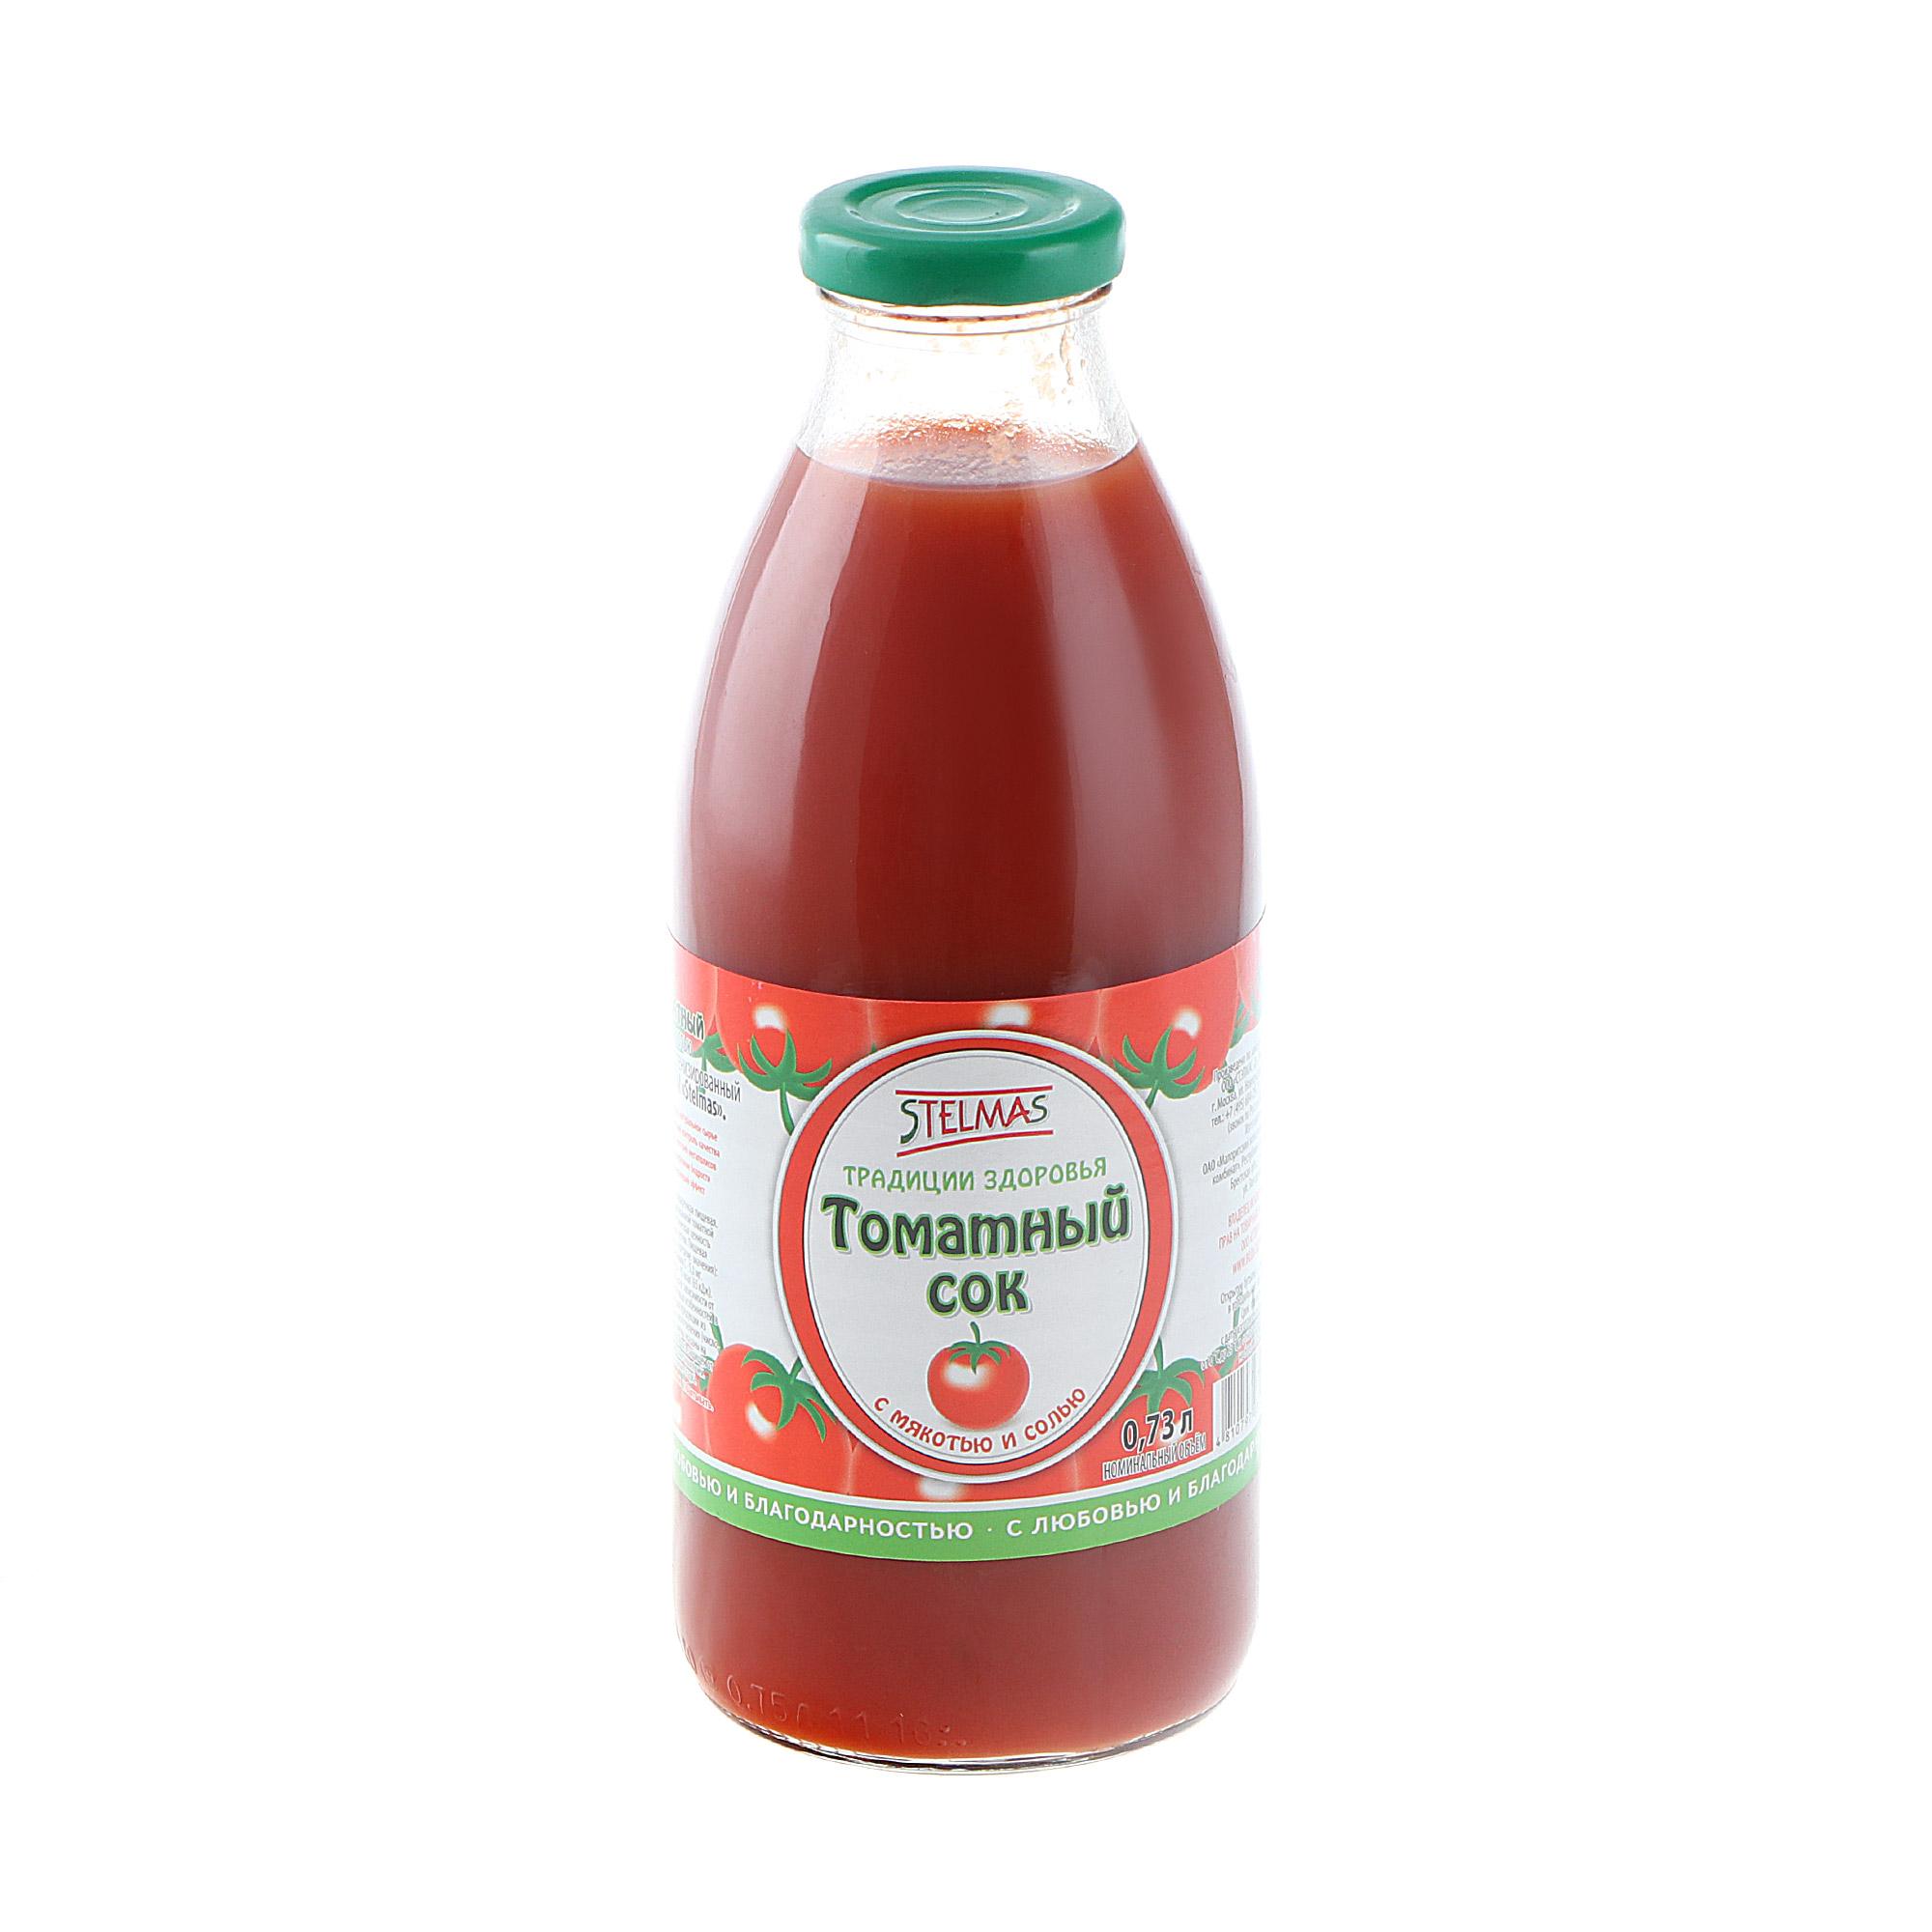 Сок Stelmas томатный 0,73 л